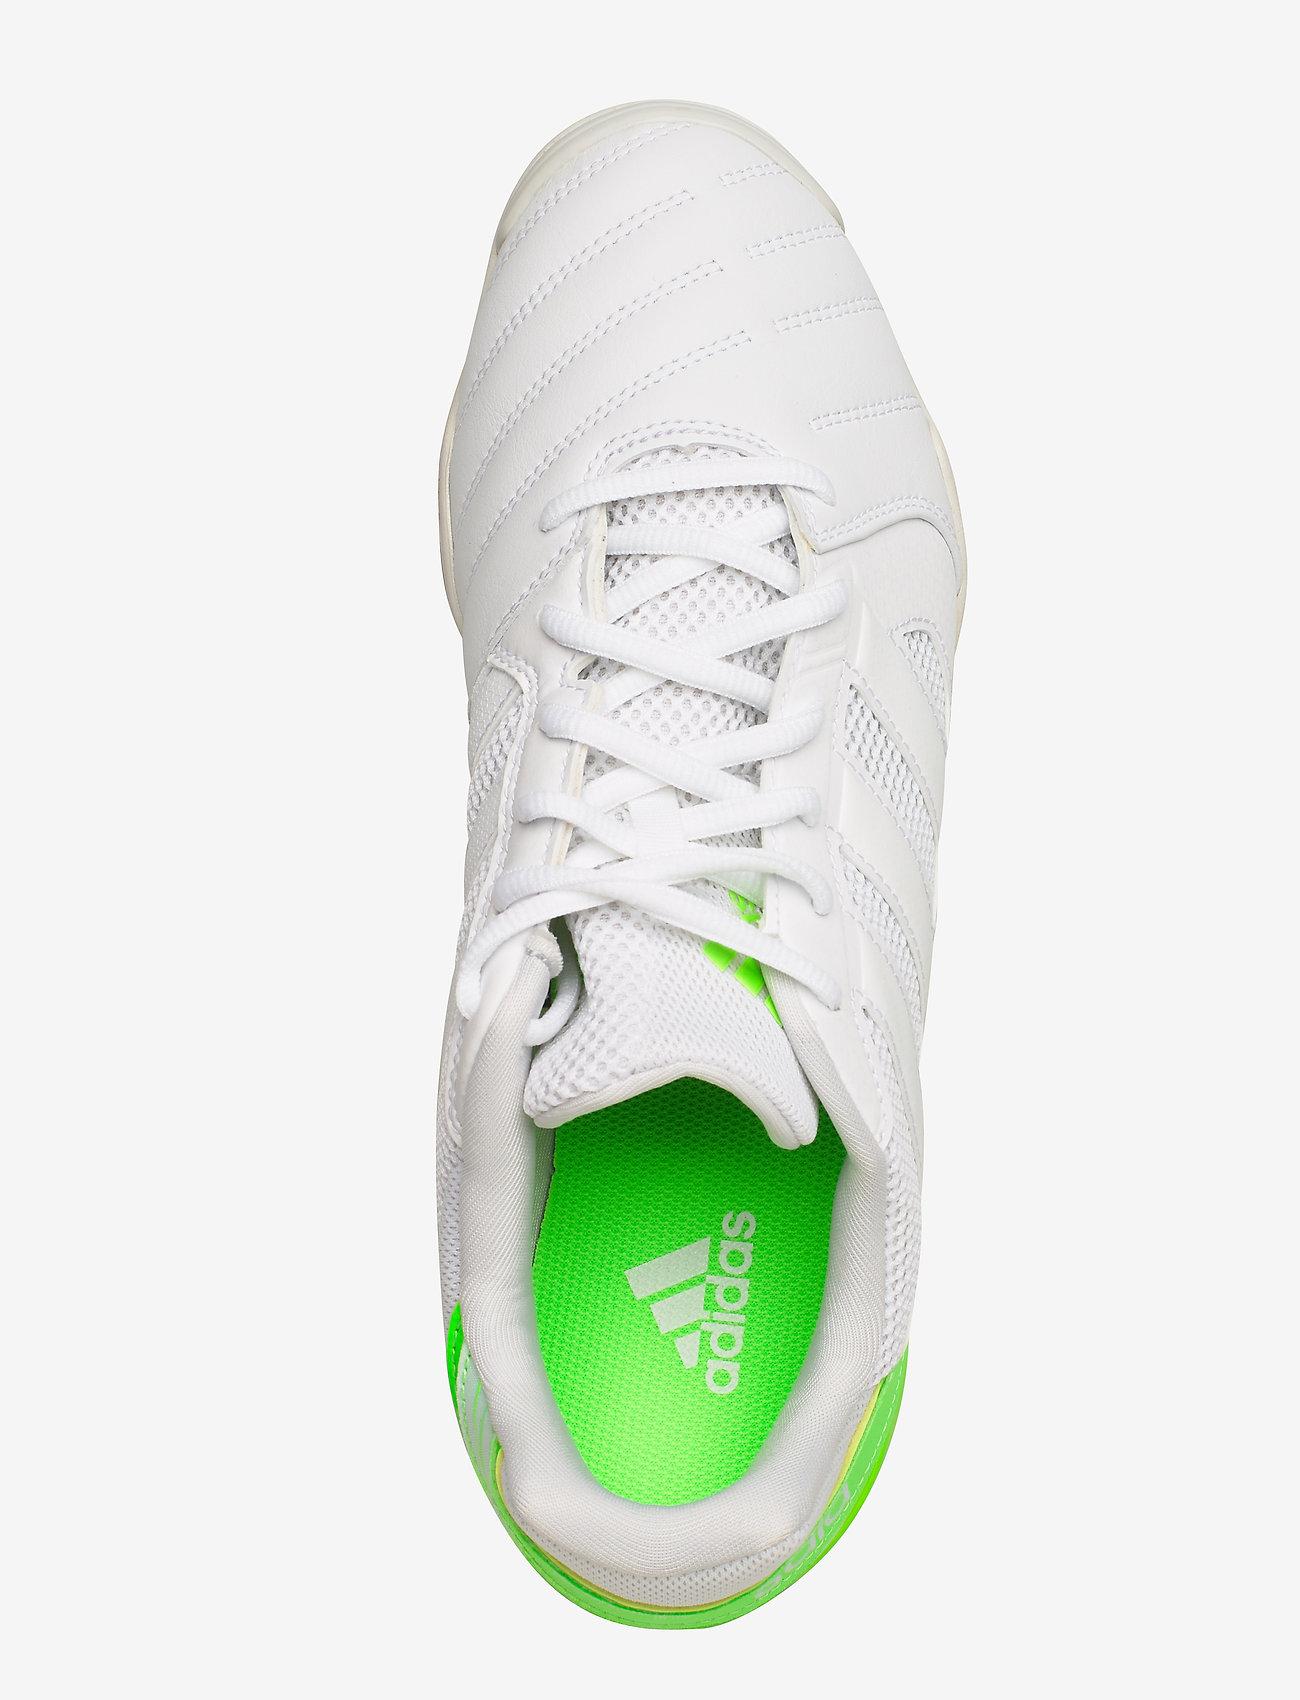 Top Sala (Ftwwht/ftwwht/siggnr) (79.95 €) - adidas Performance 4oUHsRfx